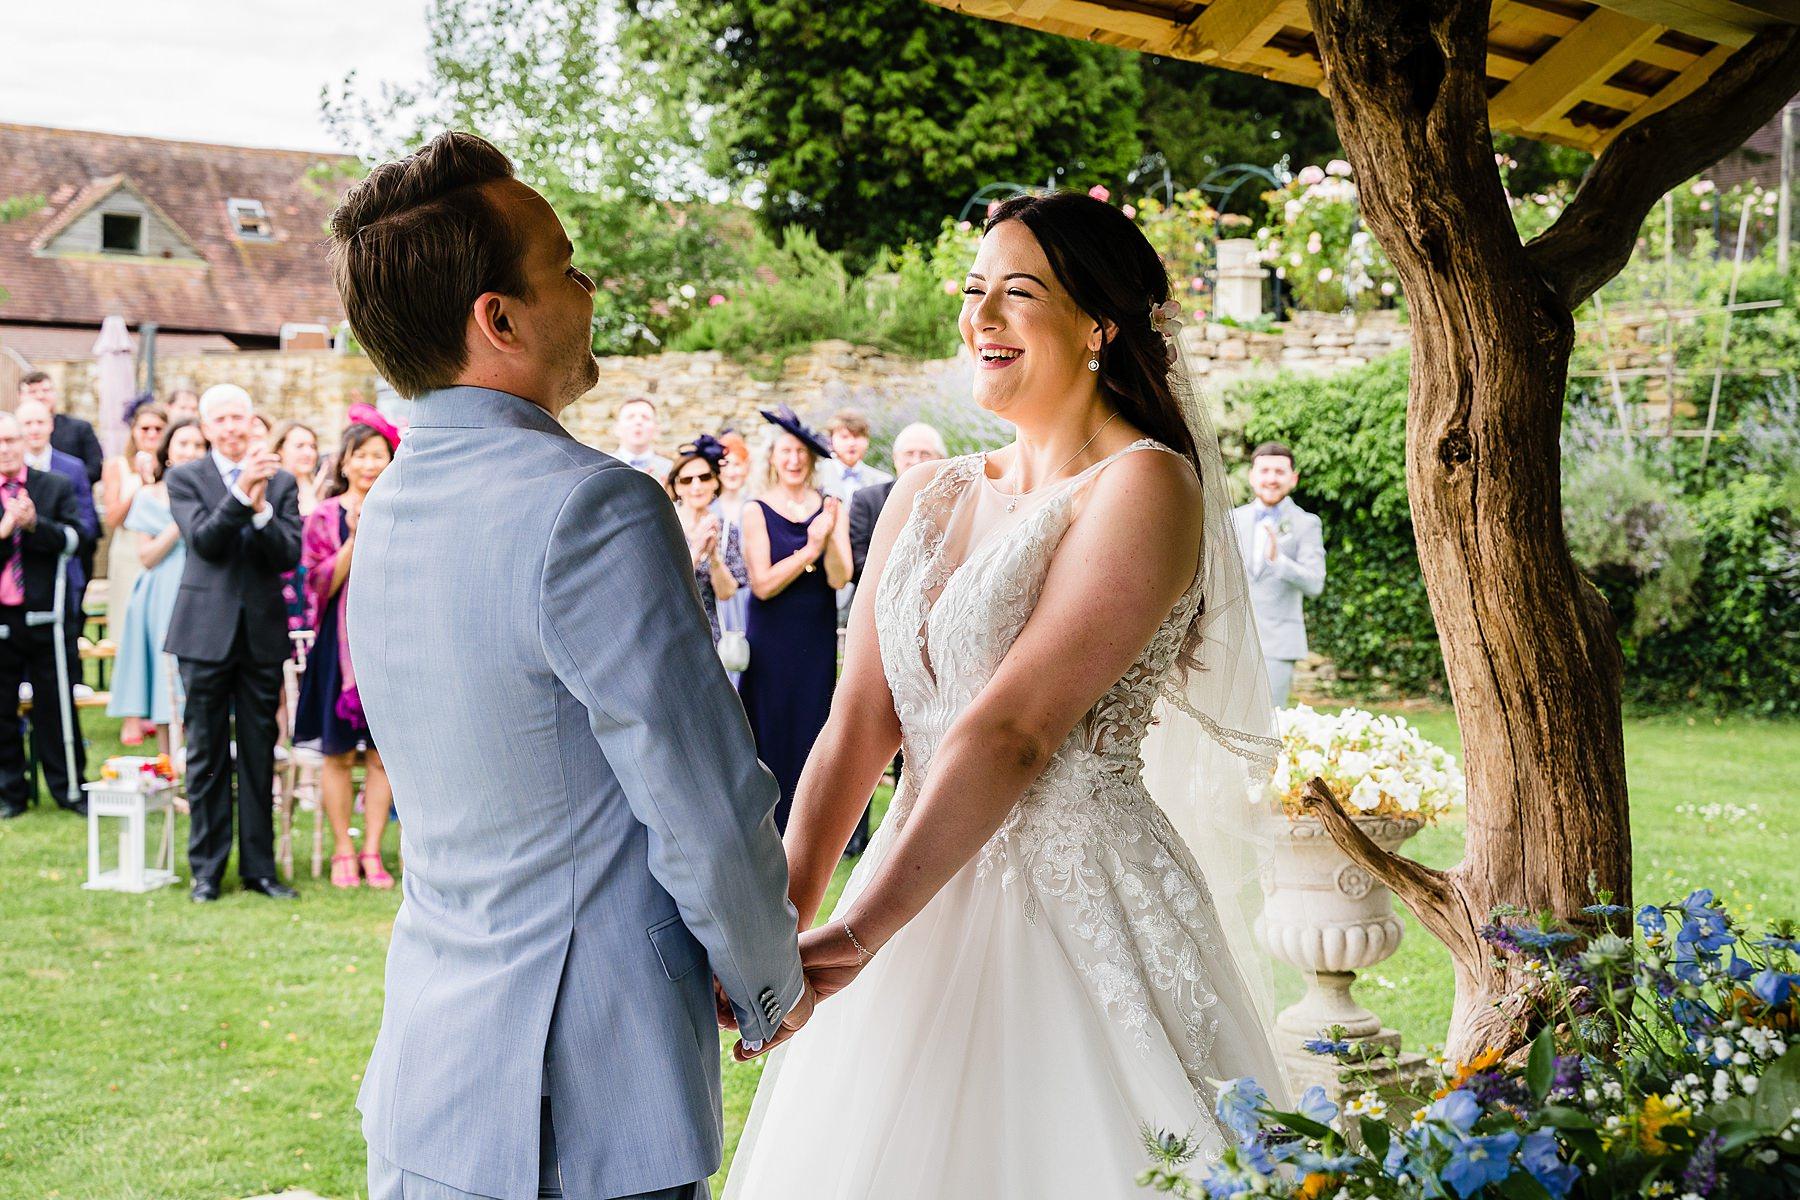 outdoor wedding ceremony at deer park